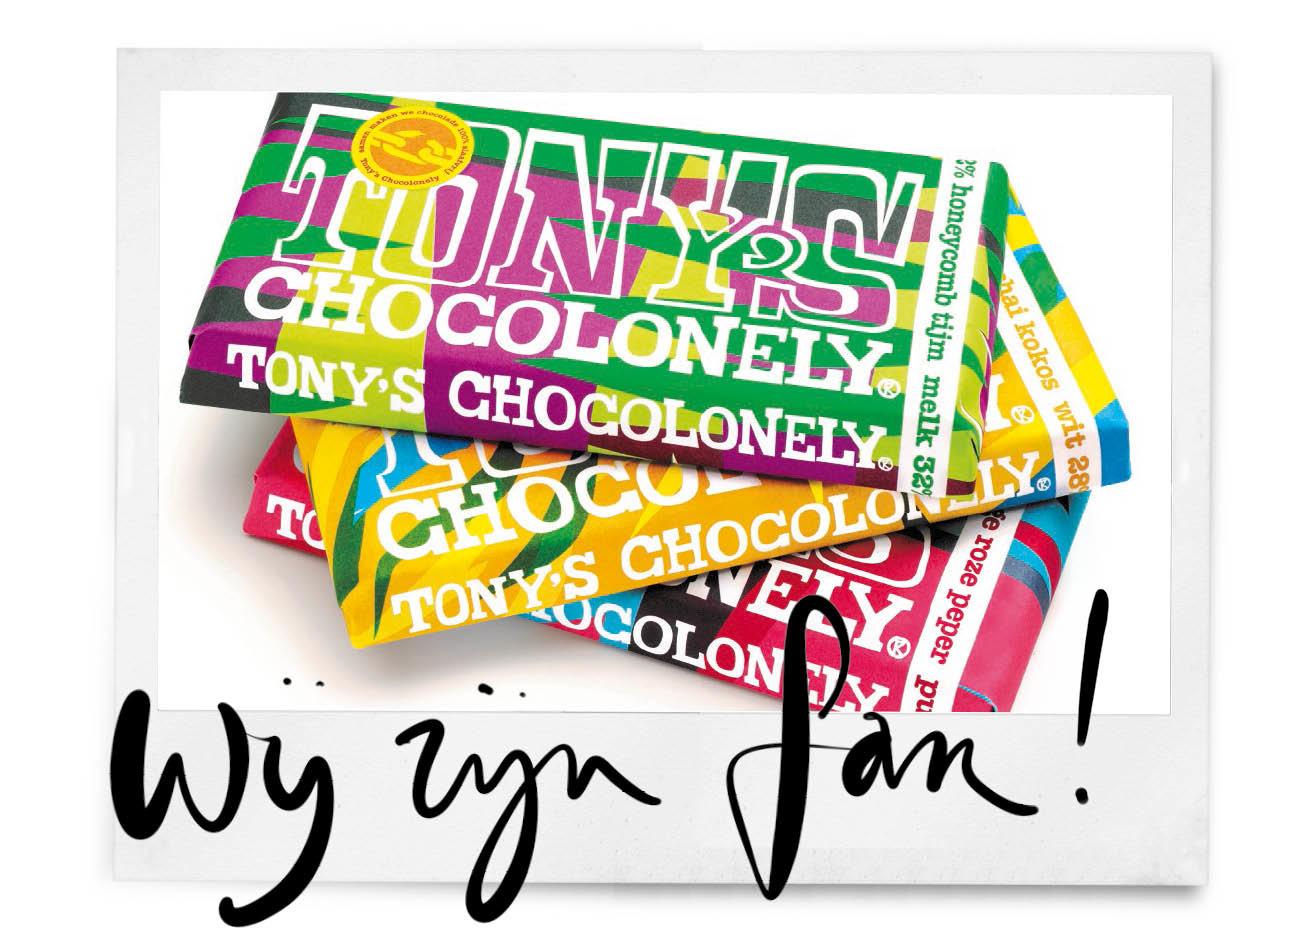 Op de foto staan de 3 nieuwe smaken van tony chocolony